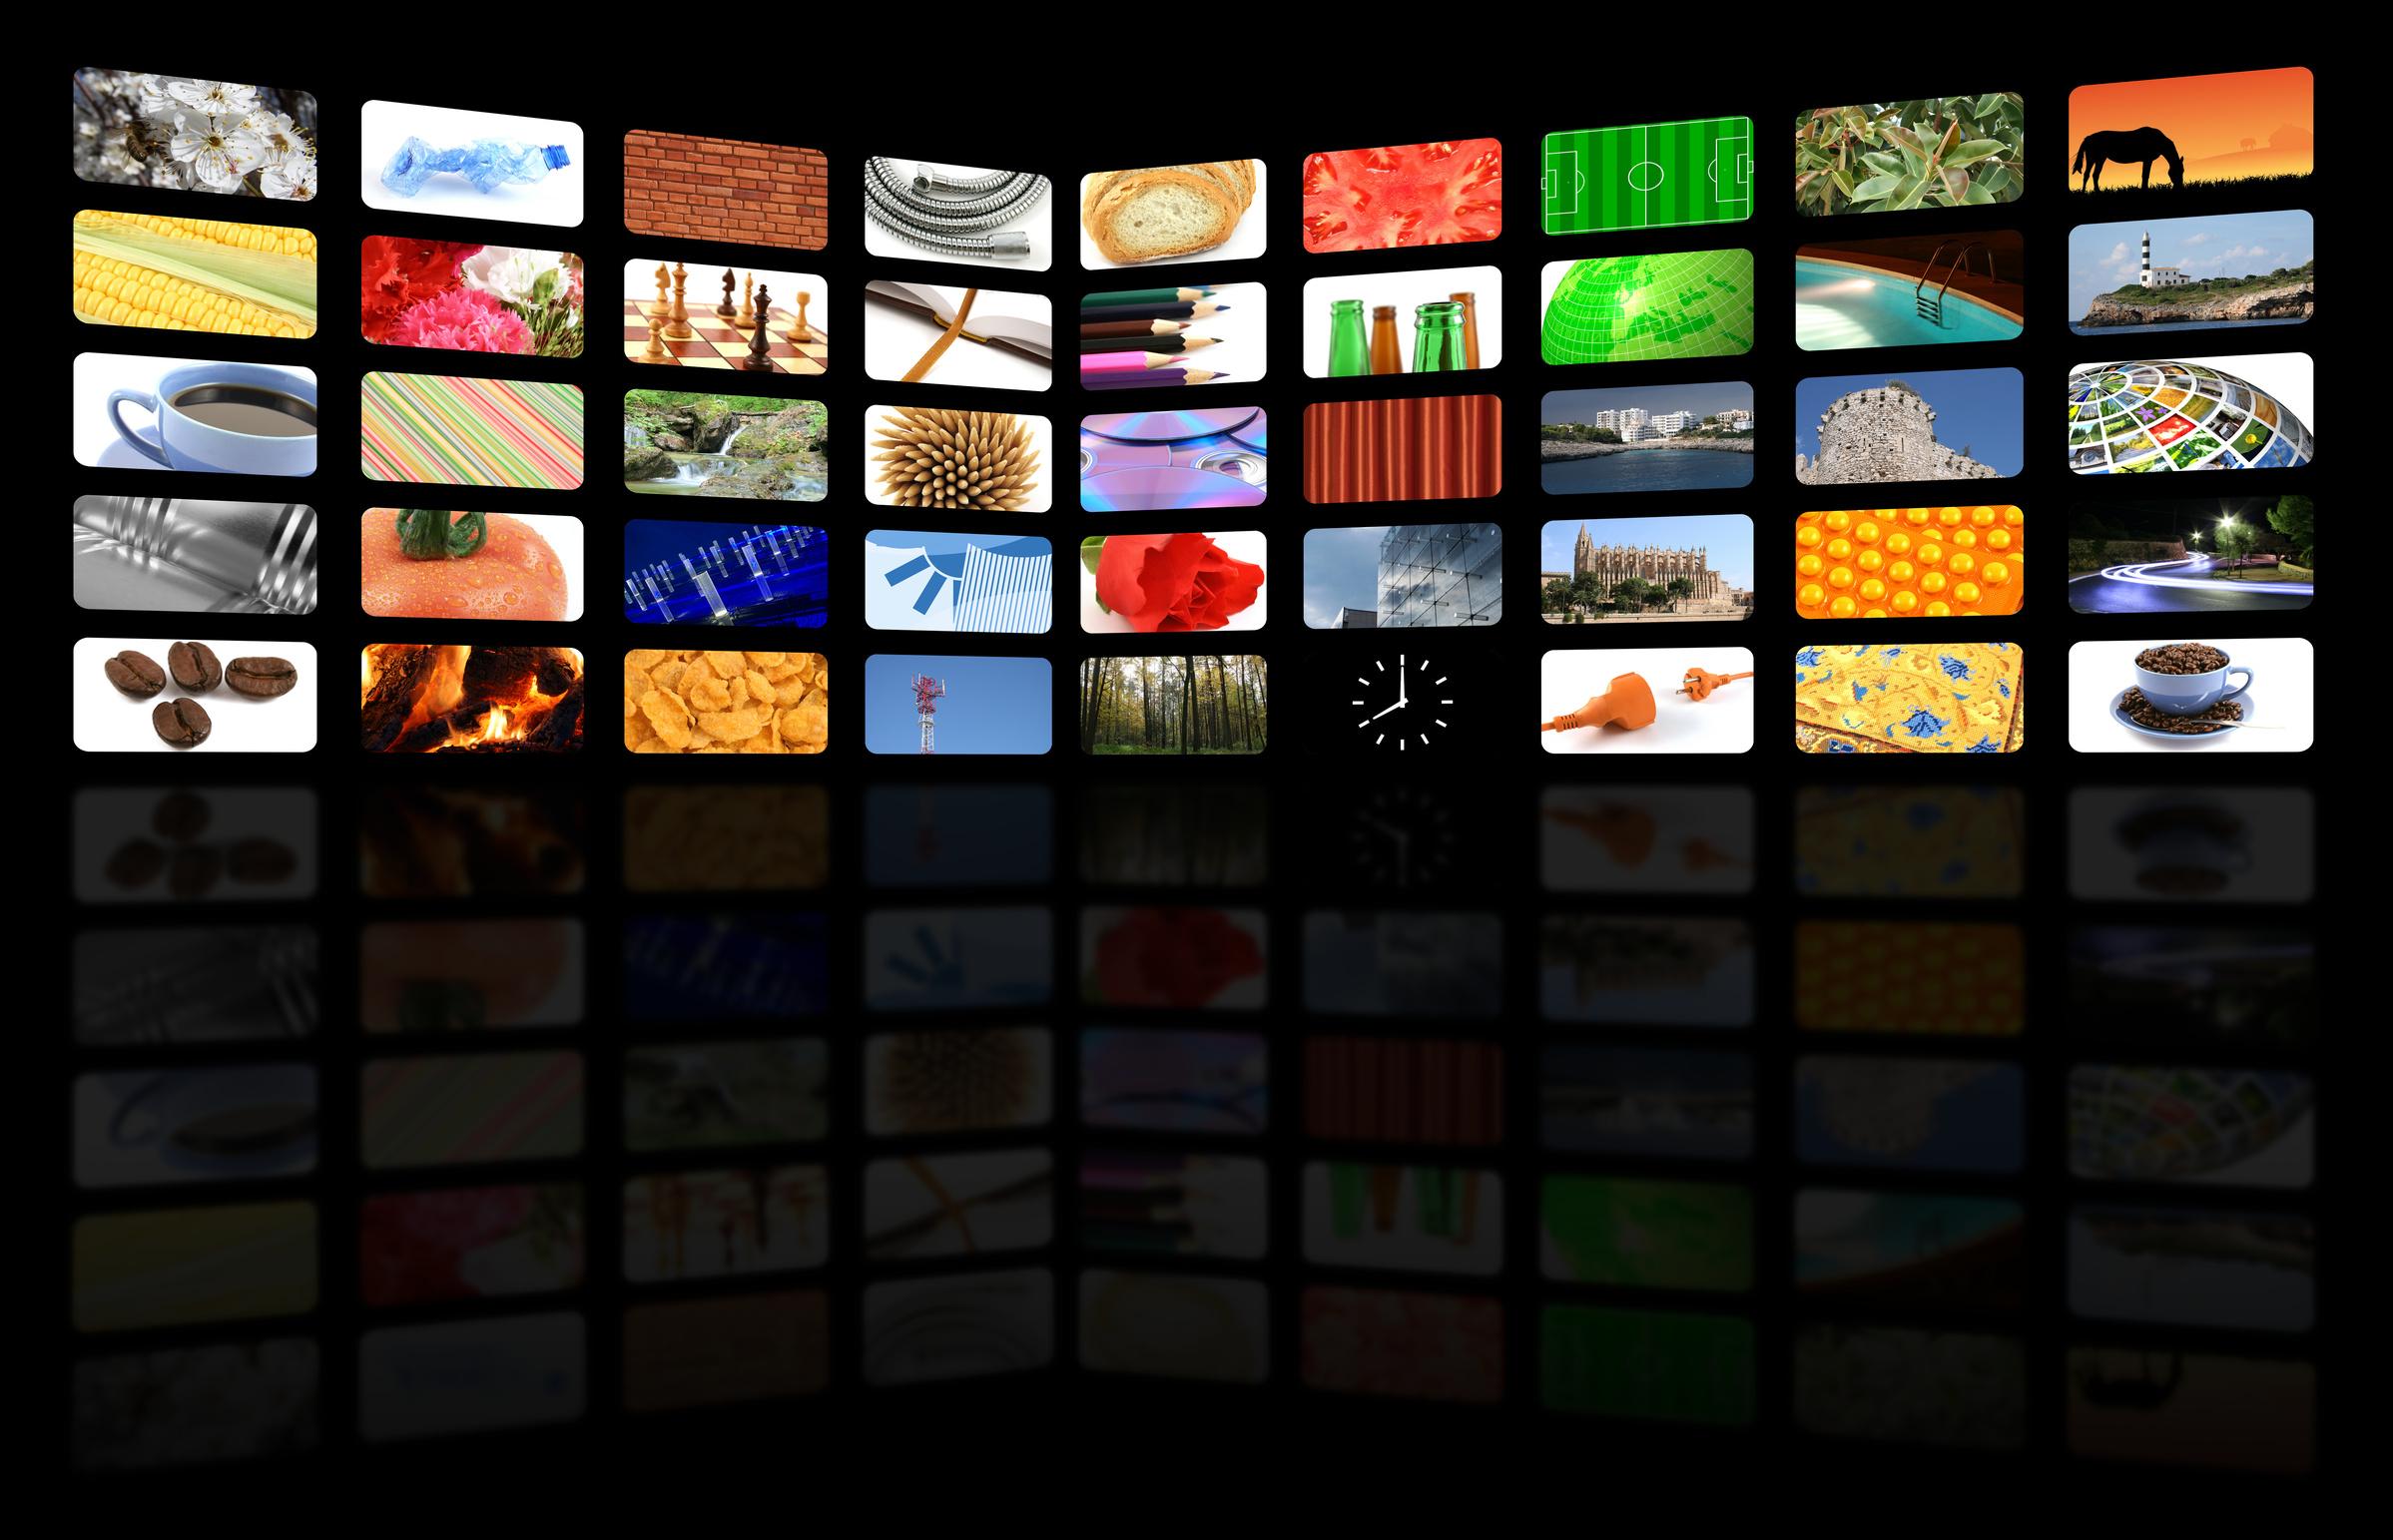 ОТТ, IPTV, VoD: кто есть кто